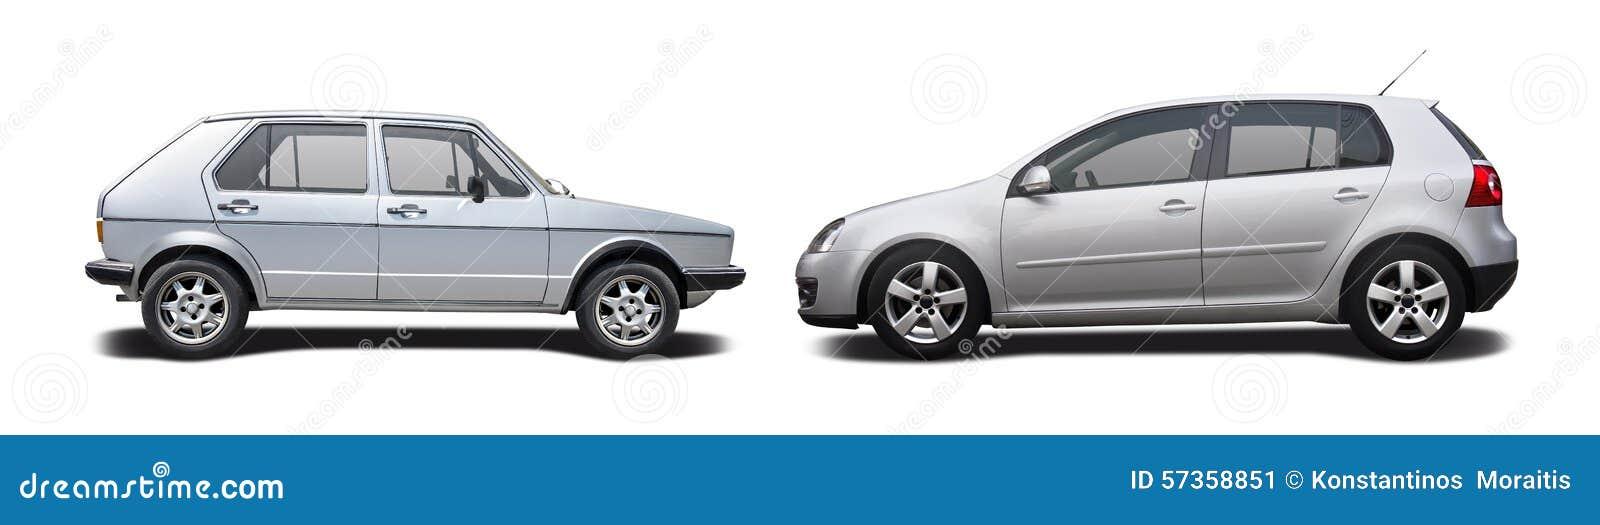 old car vs new car stock image image of side view hatchback 57358851. Black Bedroom Furniture Sets. Home Design Ideas